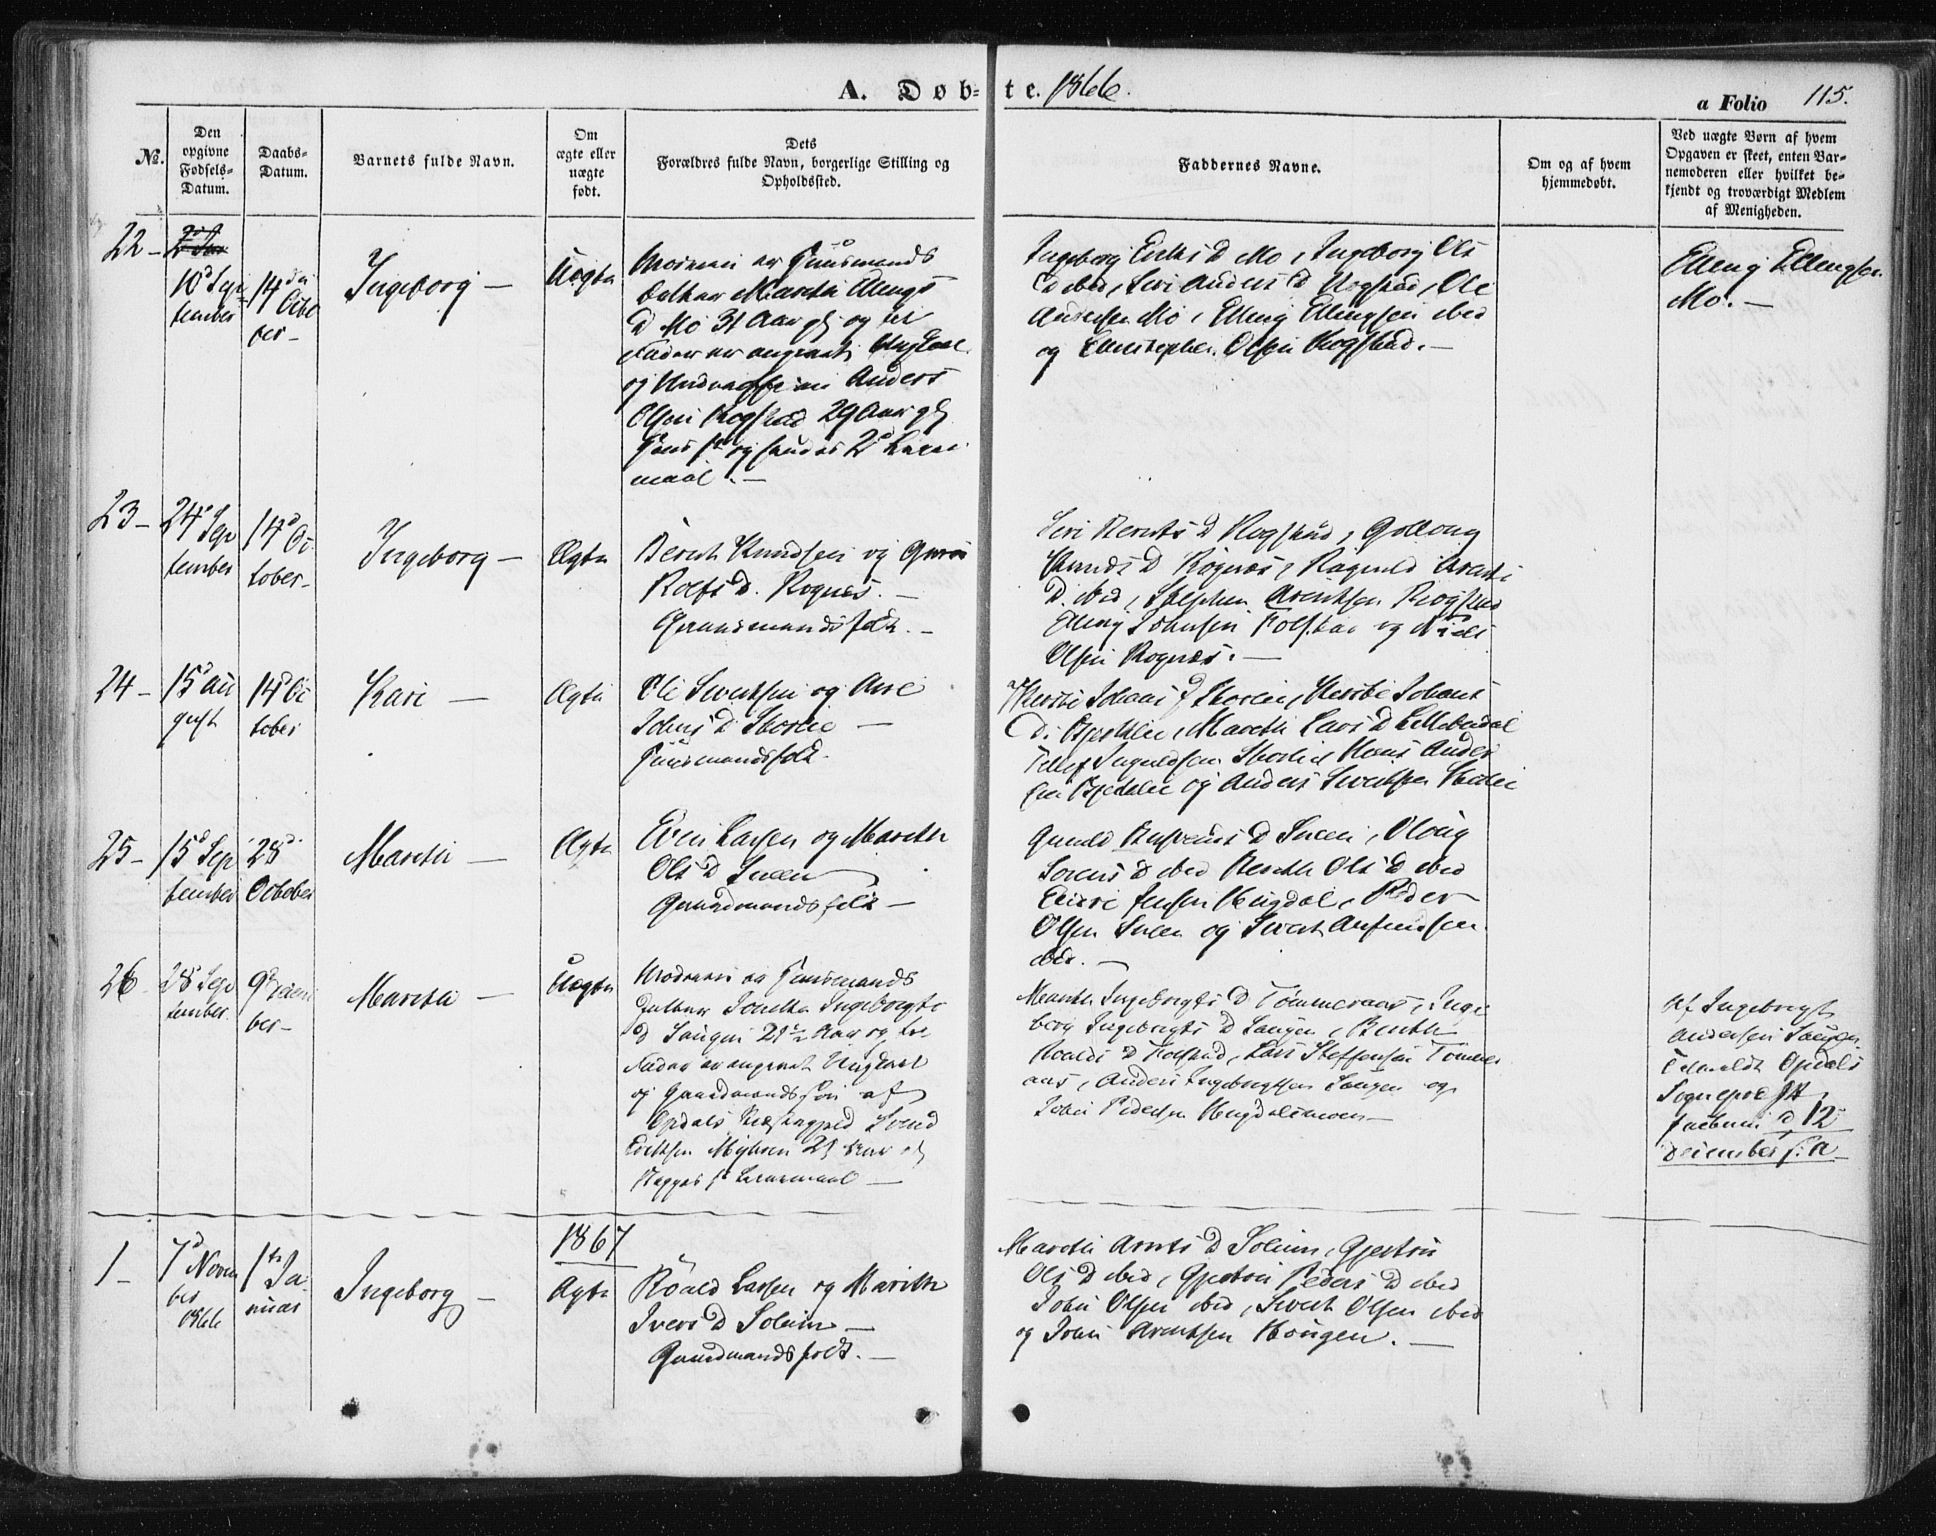 SAT, Ministerialprotokoller, klokkerbøker og fødselsregistre - Sør-Trøndelag, 687/L1000: Ministerialbok nr. 687A06, 1848-1869, s. 115